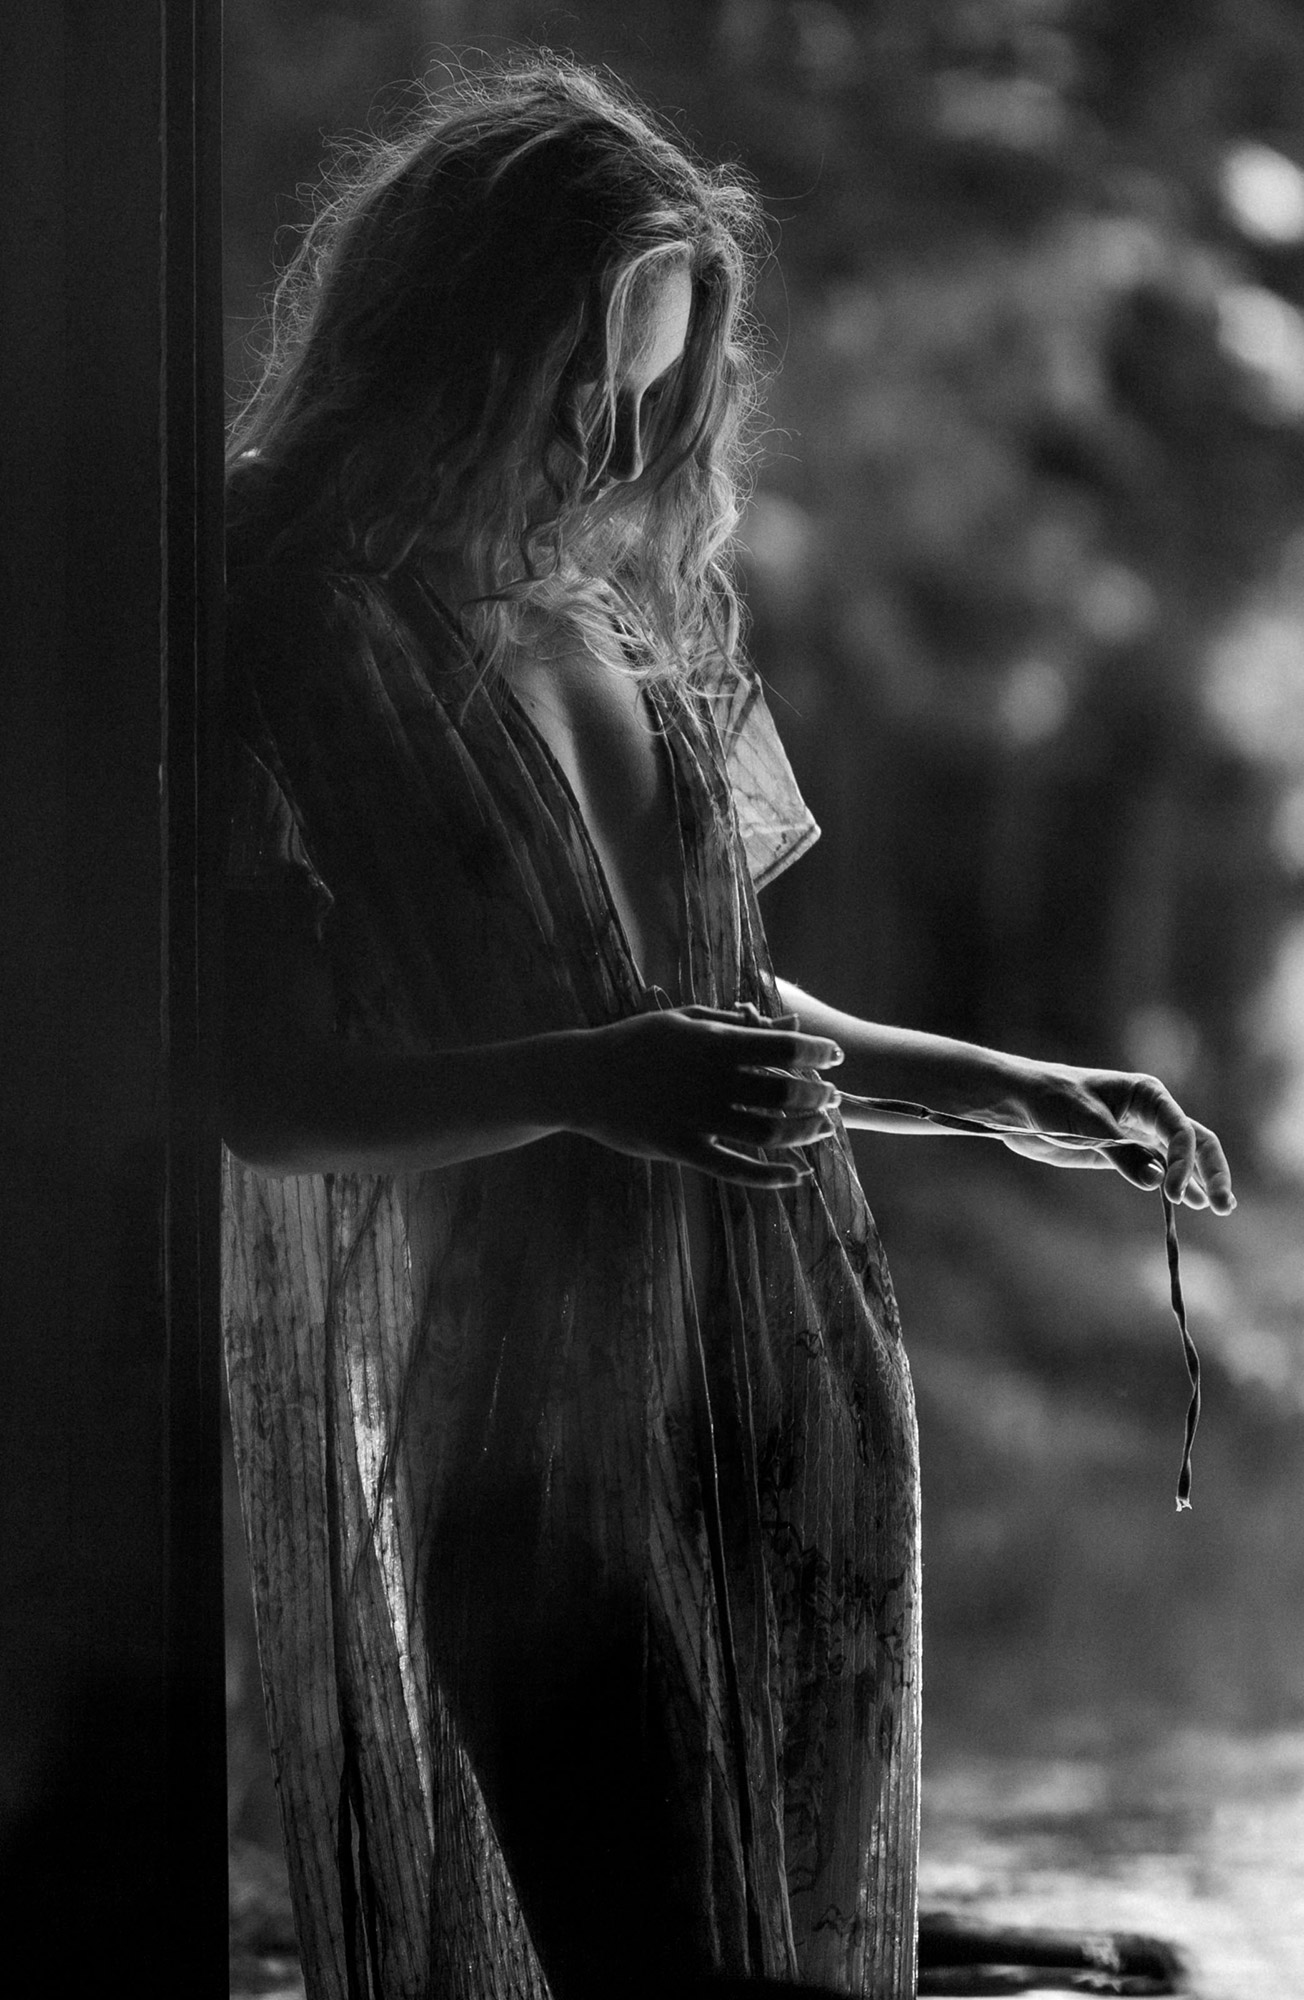 Une femme jouant avec sa robe en noir et blanc